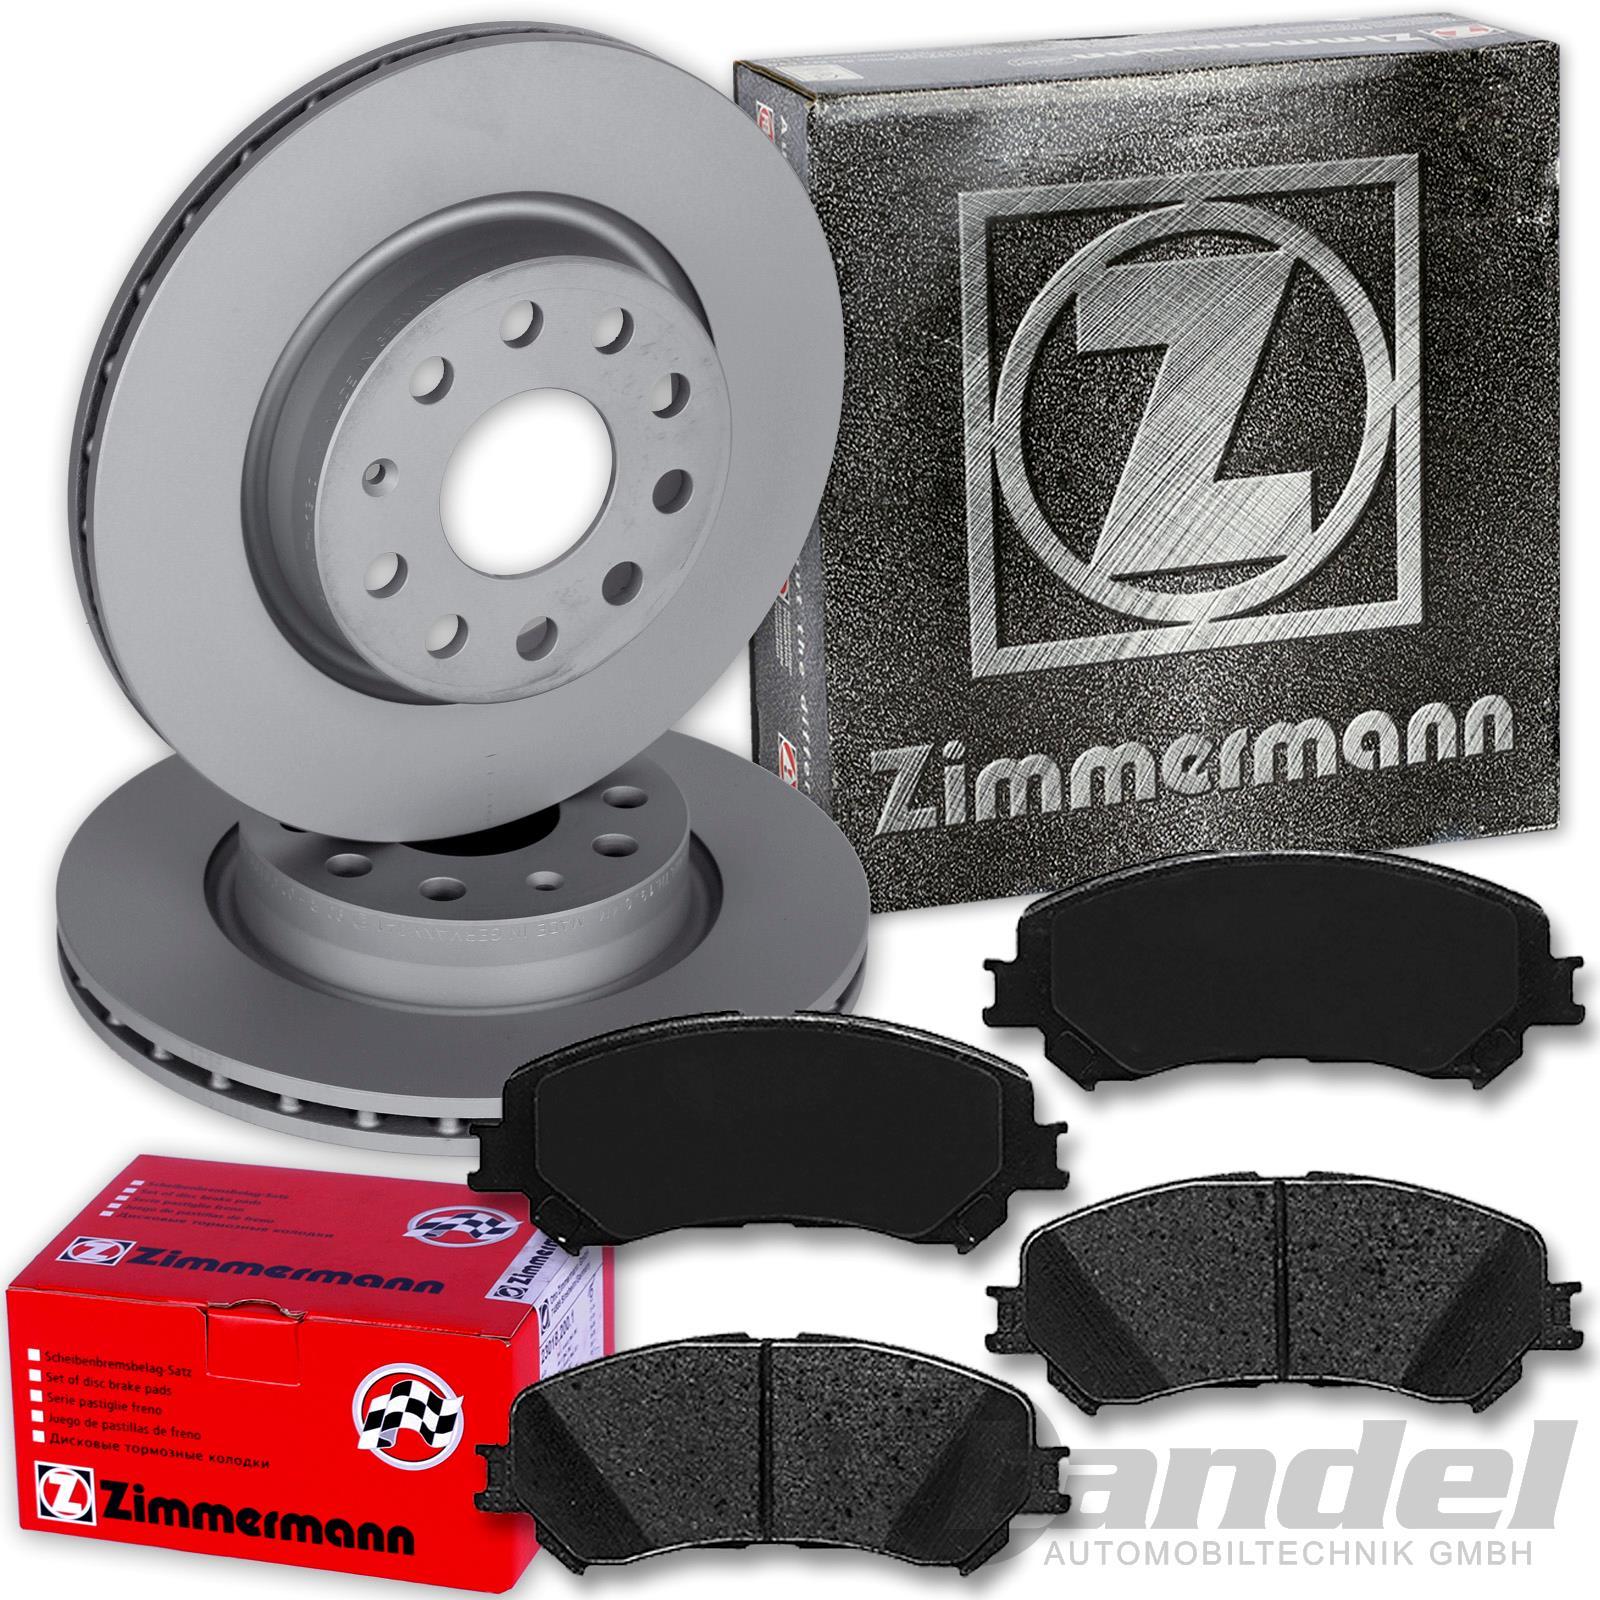 2 Zimmermann Bremsscheiben Renault Clio Espace Laguna 320mm belüftet vorne